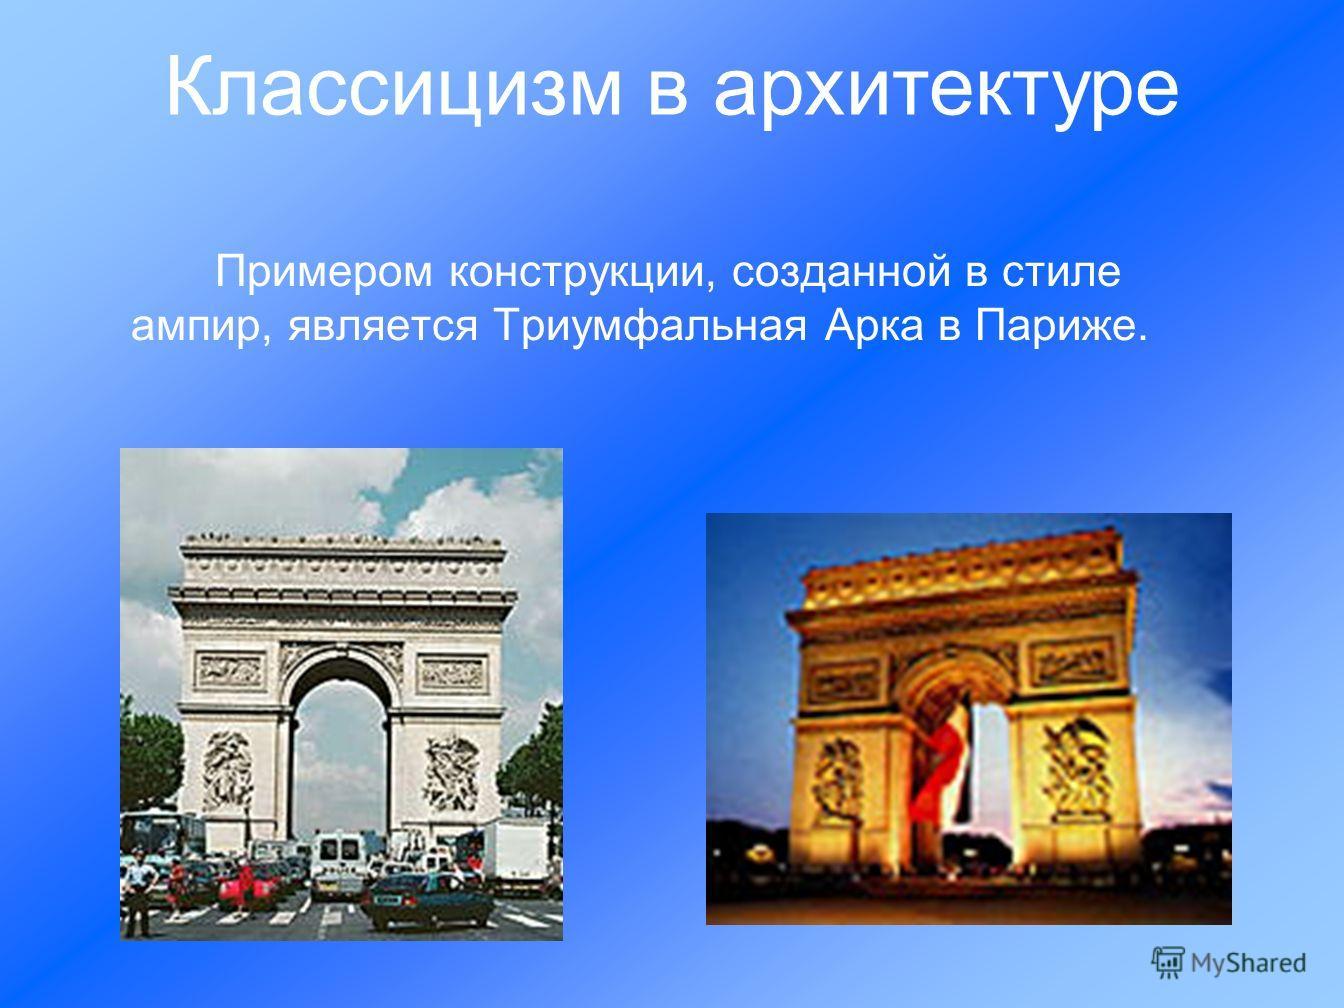 Примером конструкции, созданной в стиле ампир, является Триумфальная Арка в Париже. Классицизм в архитектуре